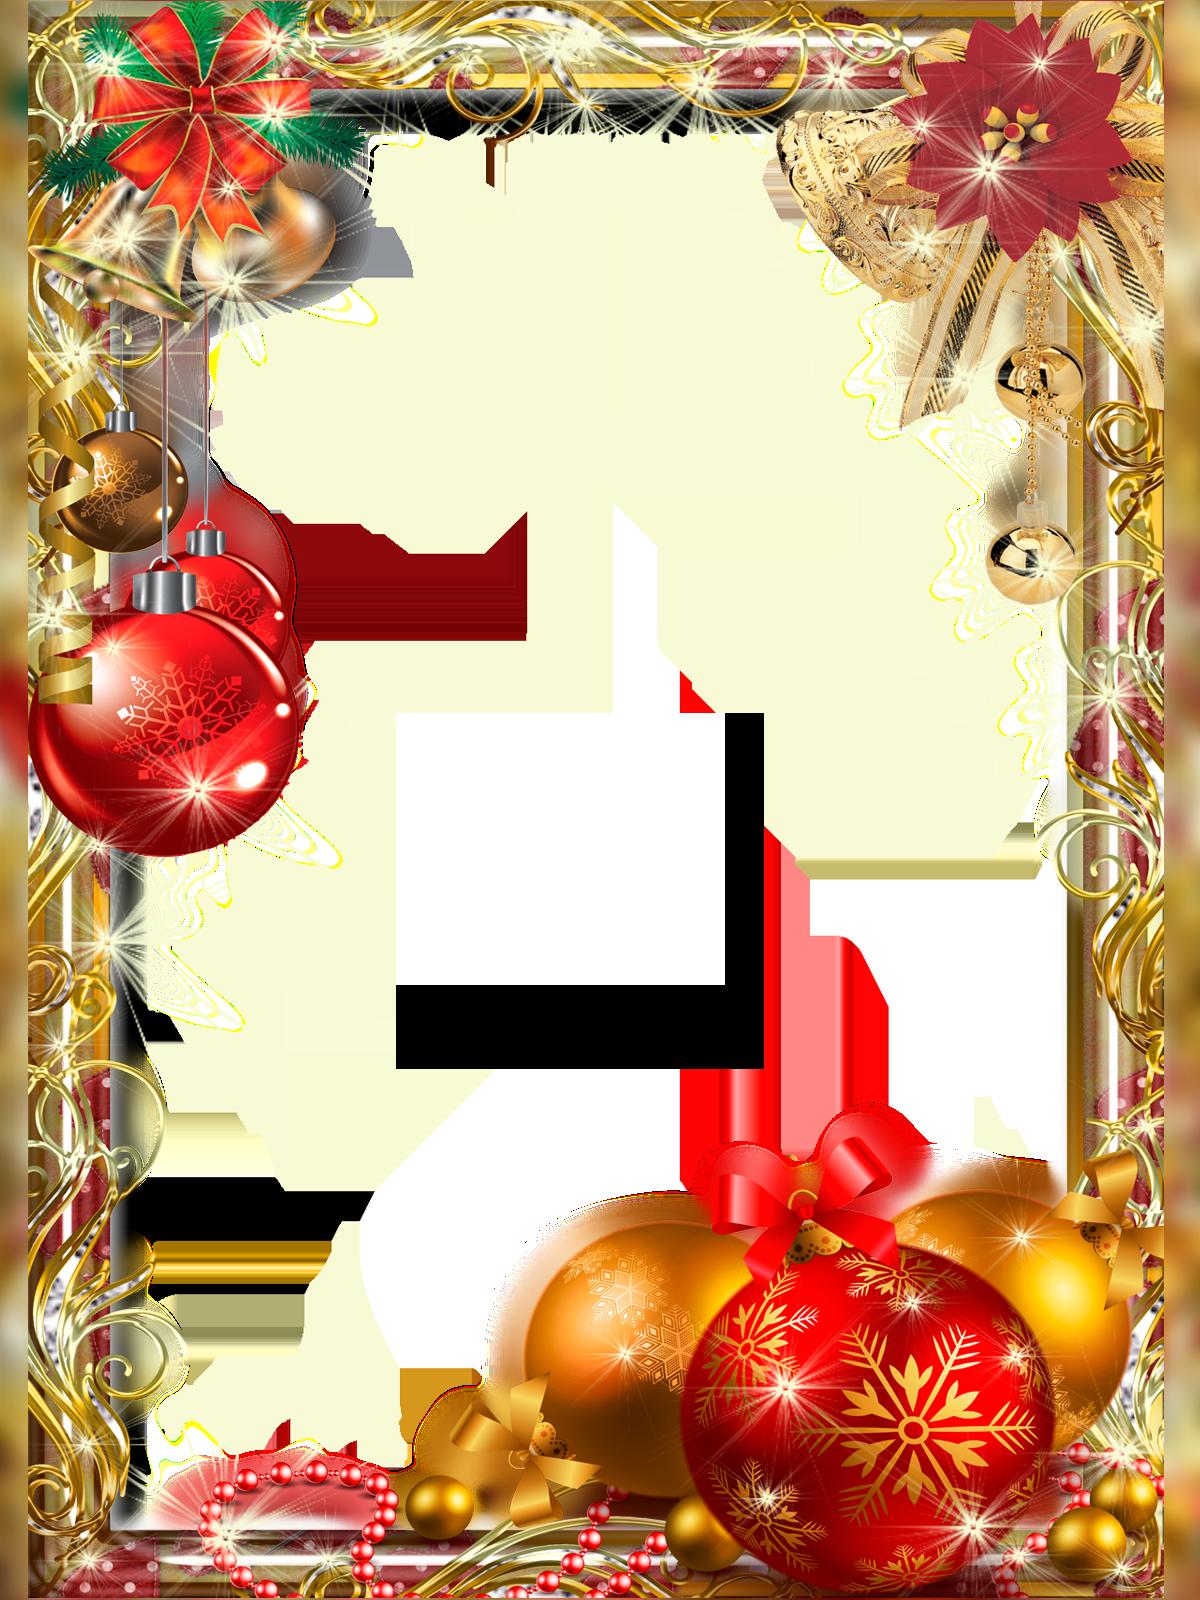 Шаблоны для фотографий новогодние